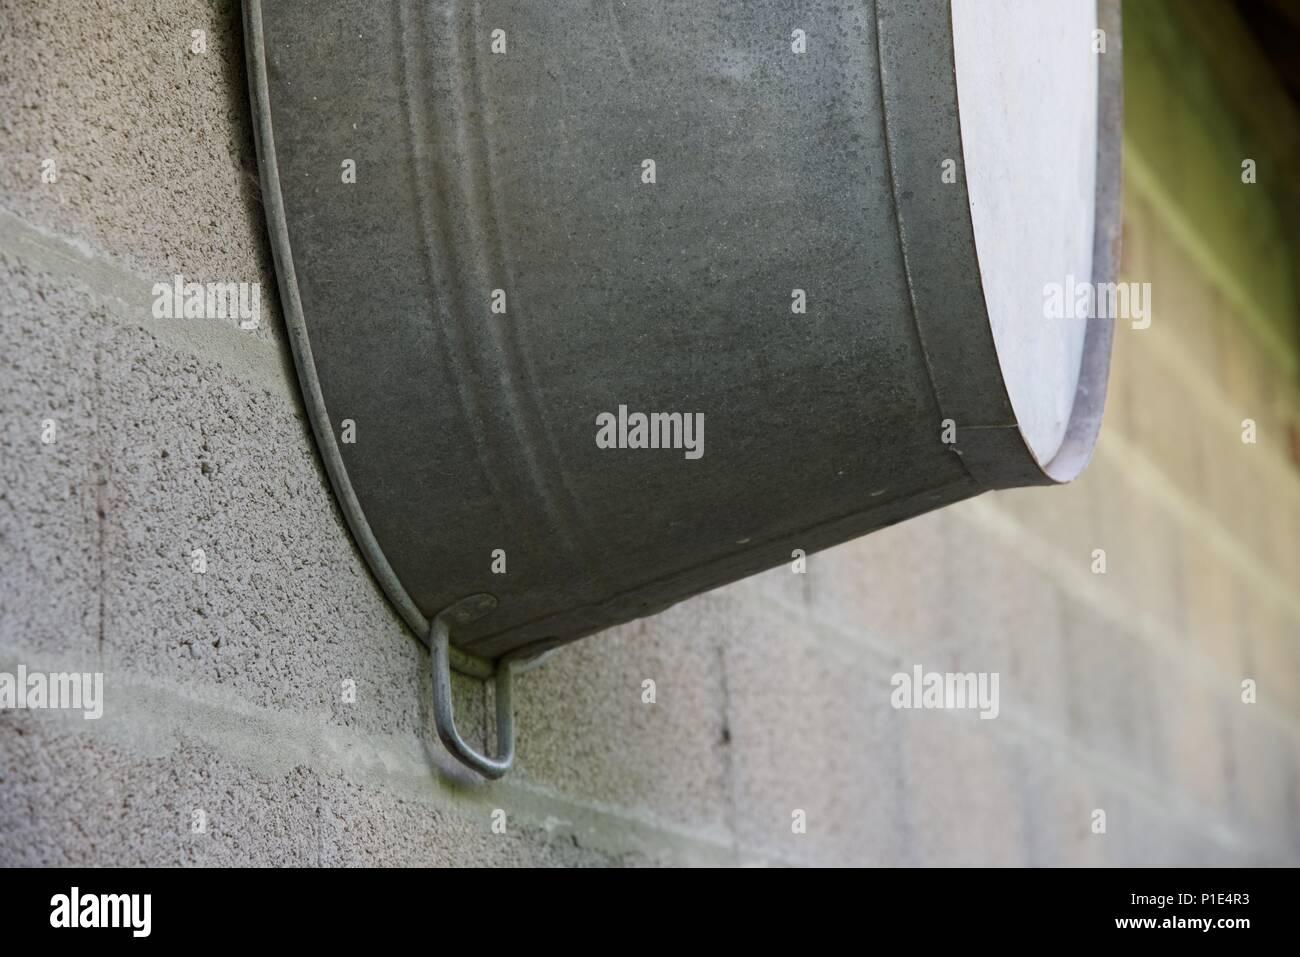 Vasca Da Bagno Zincata : Vasca galvanizzato: una vasca zincata o bagno appeso su un